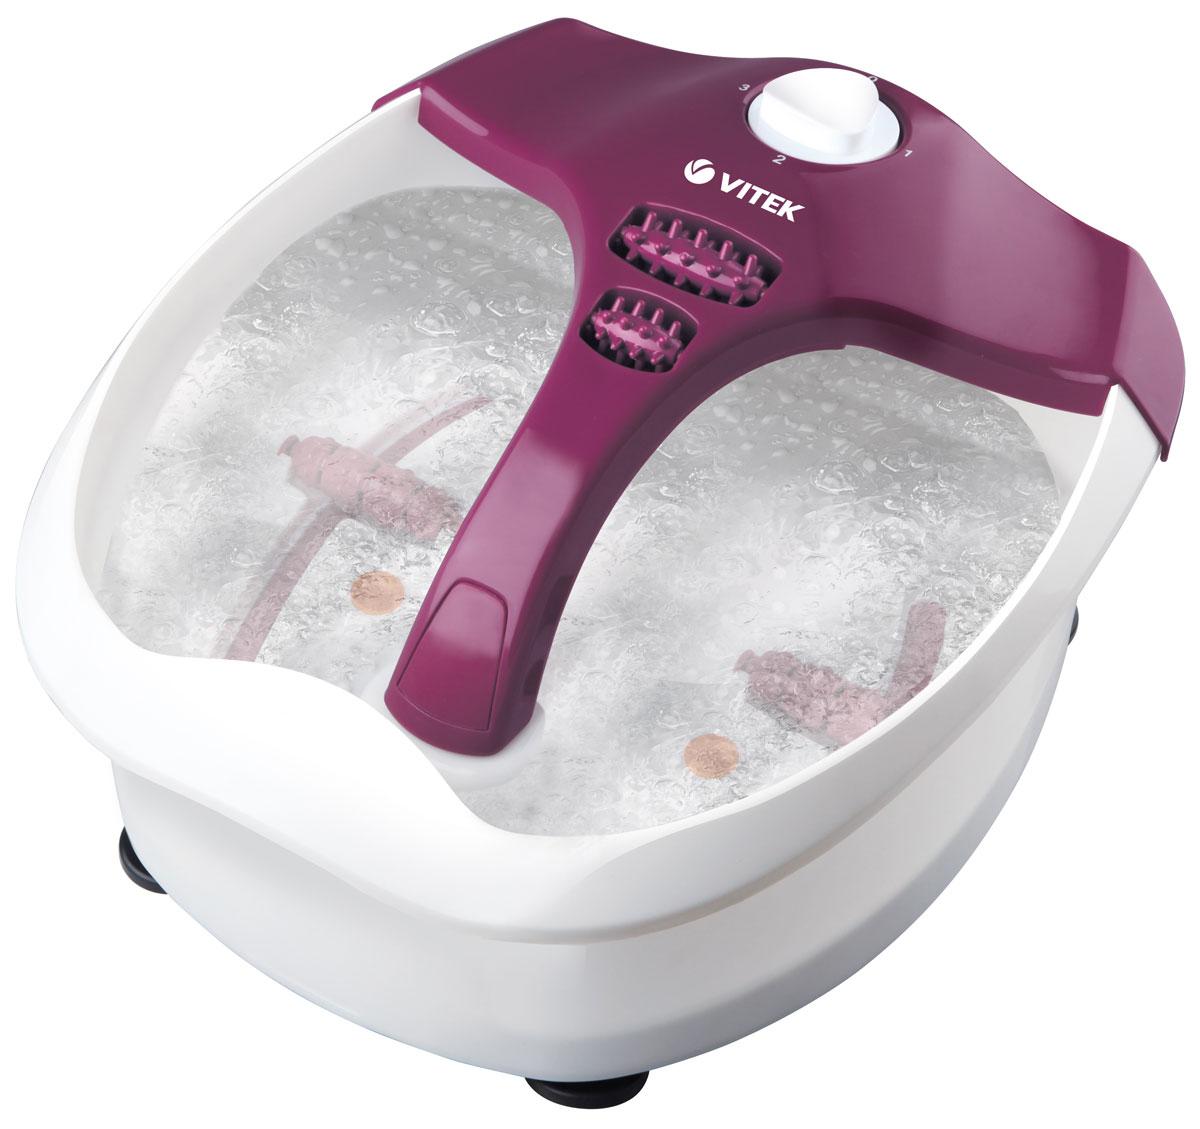 Vitek VT-1799(VT) массажерVT-1799(VT)Гидромассажная ванночка Vitek VT-1799(VT) приносит облегчение усталым ногам и улучшает кровообращение в сосудах ног. Воздушные пузырьки способствуют расслаблению мышц, а инфракрасный излучатель осуществляет целенаправленный нагрев определенных частей ступней ног. Массажные насадки, входящие в комплект поставки, применяются для проведения акупунктурного массажа.При использовании ванночки для ног Вы получаете следующие полезные воздействия: расслабление напряженных мышц, снятие усталости и восстановление хорошего самочувствия Ваших ног, стимулирование кровоснабжения, ускорение регенерации клеток. Обычно сеанс массажа не должен длиться более 15-20 минут. Массаж ног можно проводить один или два раза в день. Перед повторным использованием устройство должно остыть приблизительно 15 минут.